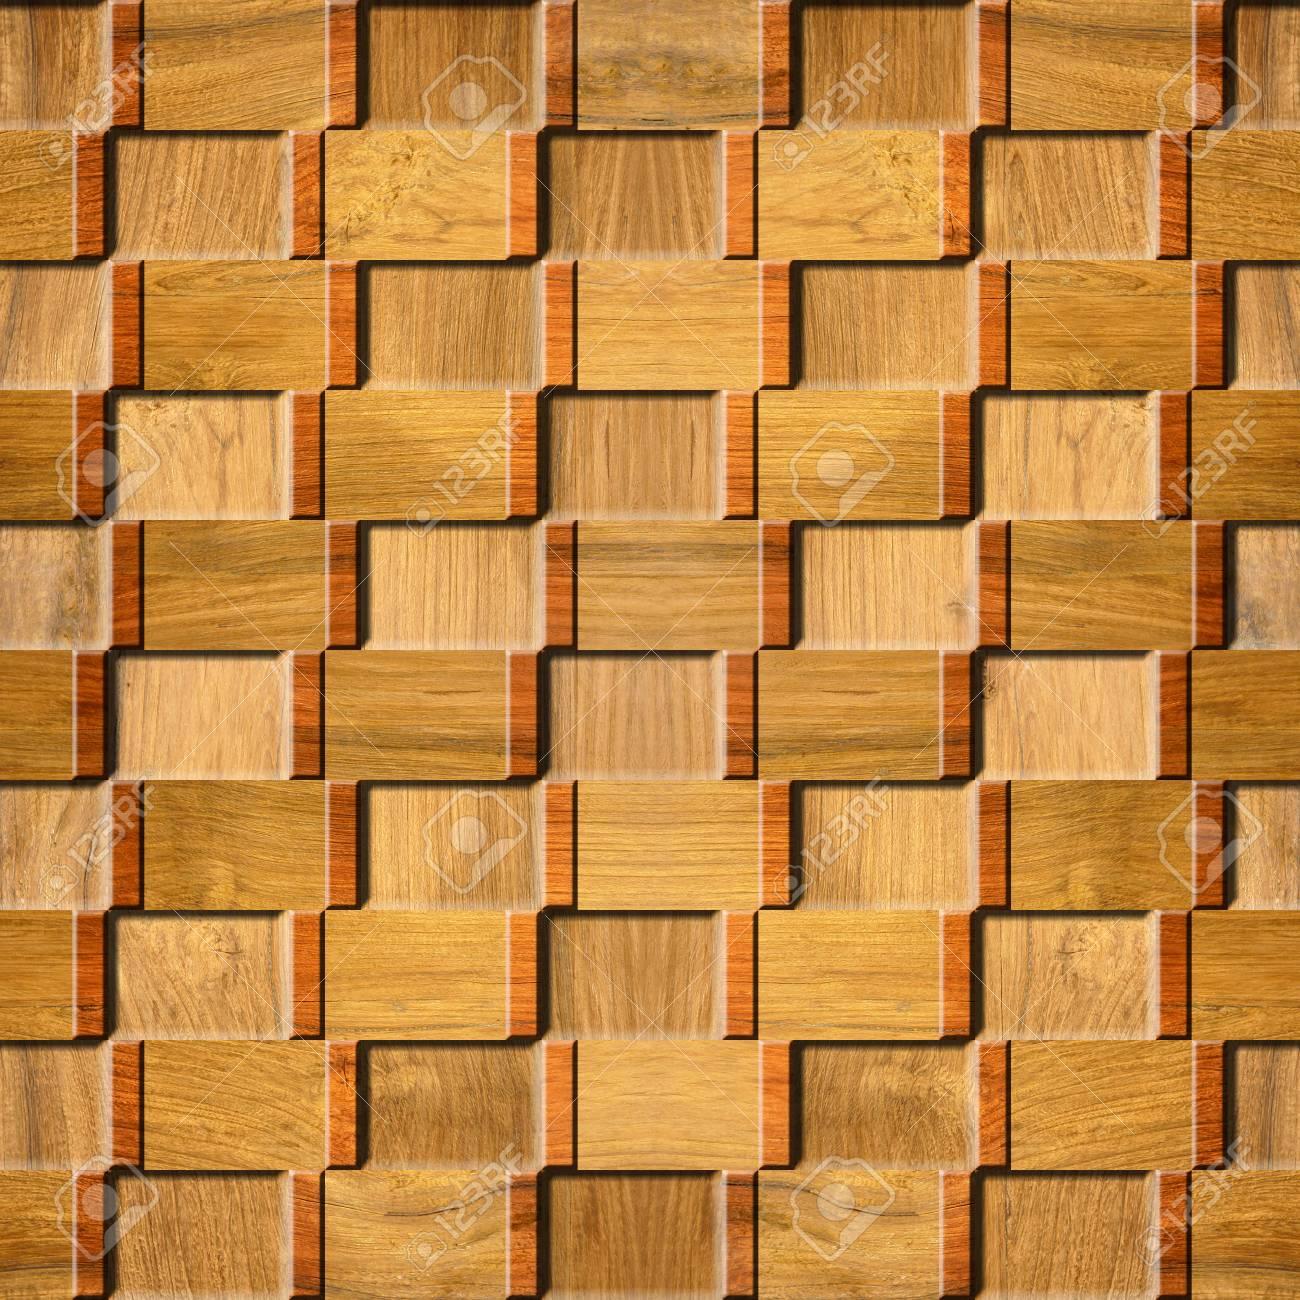 Interior Modelo De Panel De Pared Decorativos Patrón De Mosaico De Fondo Sin Fisuras Estilo De Cuadros Textura De La Madera